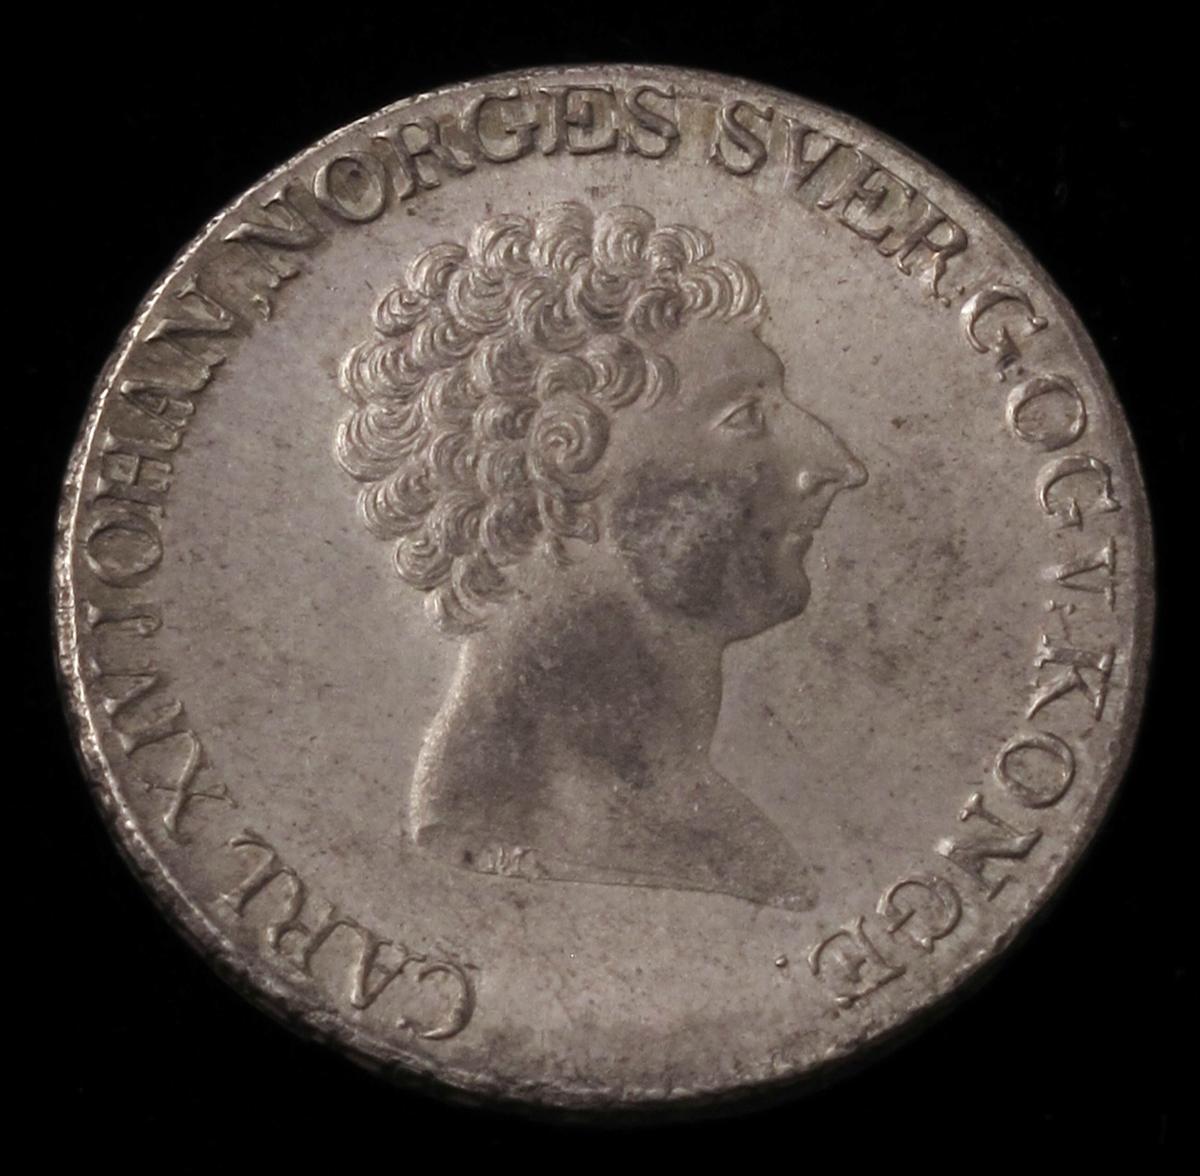 Adv.: Kongens hode i profil.  Rev.: Riksvåpenet.